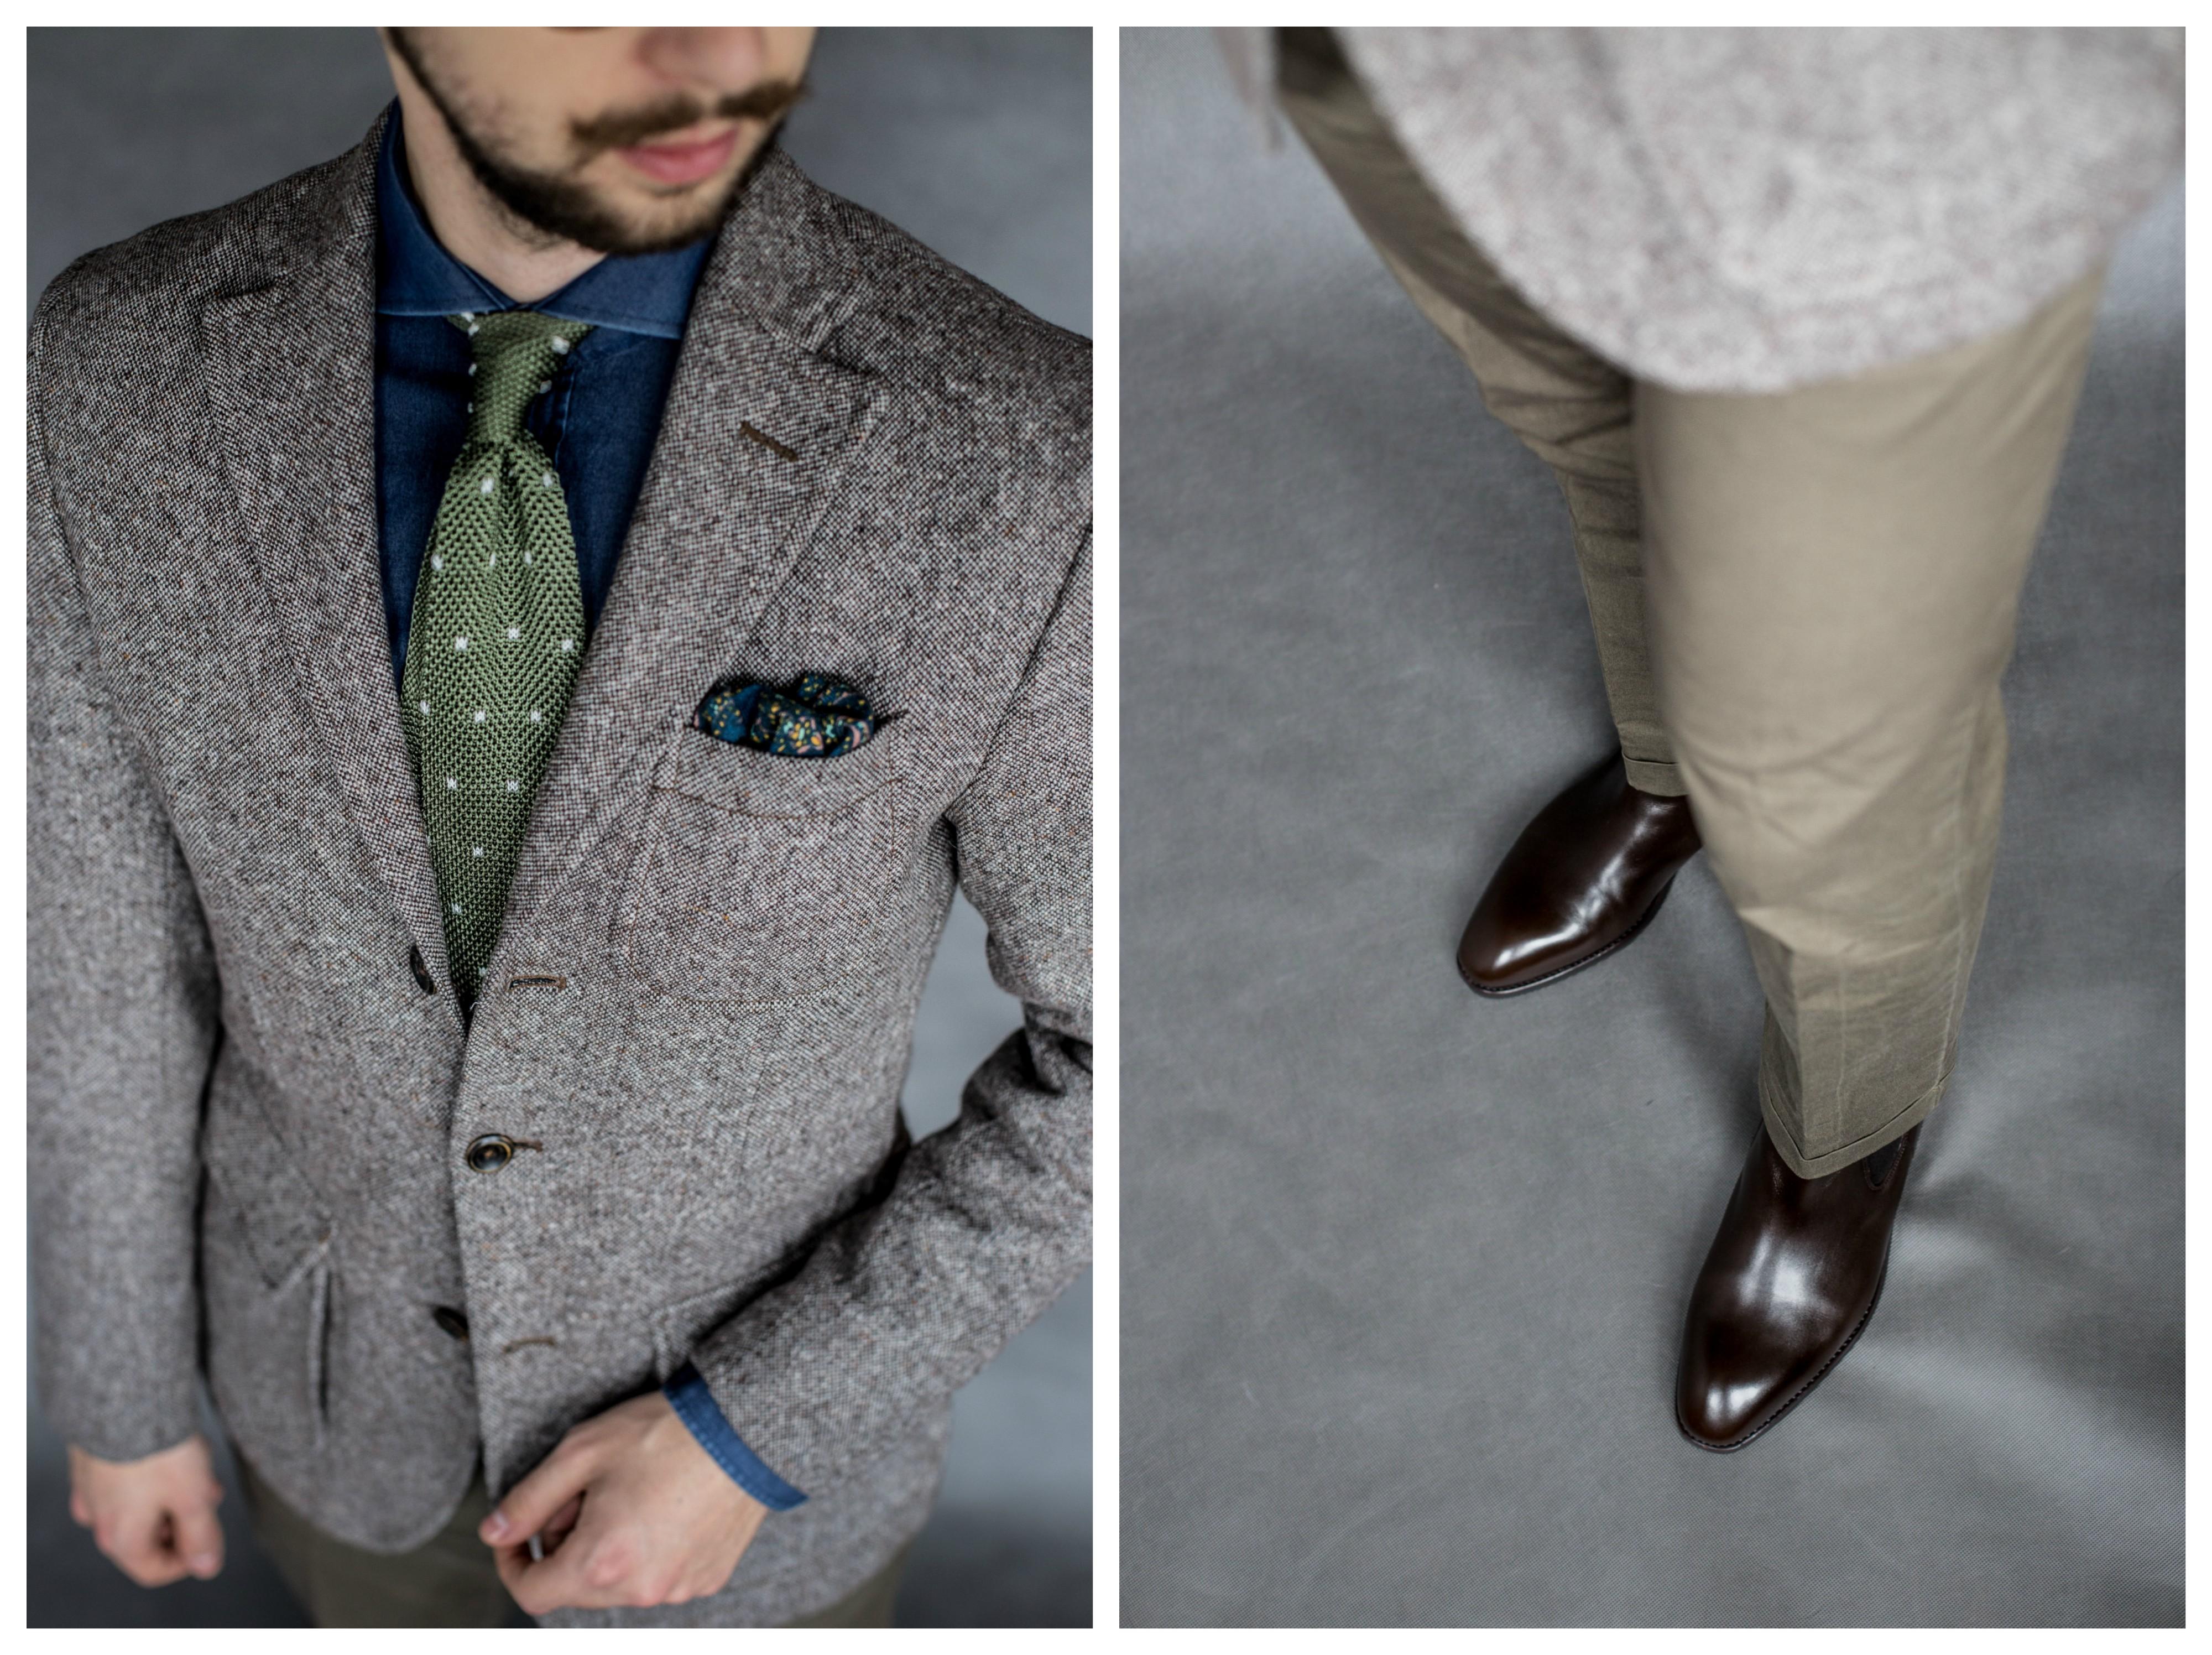 93cabe9a1a13d Krawat – John Malker Poszetka – Bytom Okulary – bez metki. Spodnie – Zara  Buty – Yanko